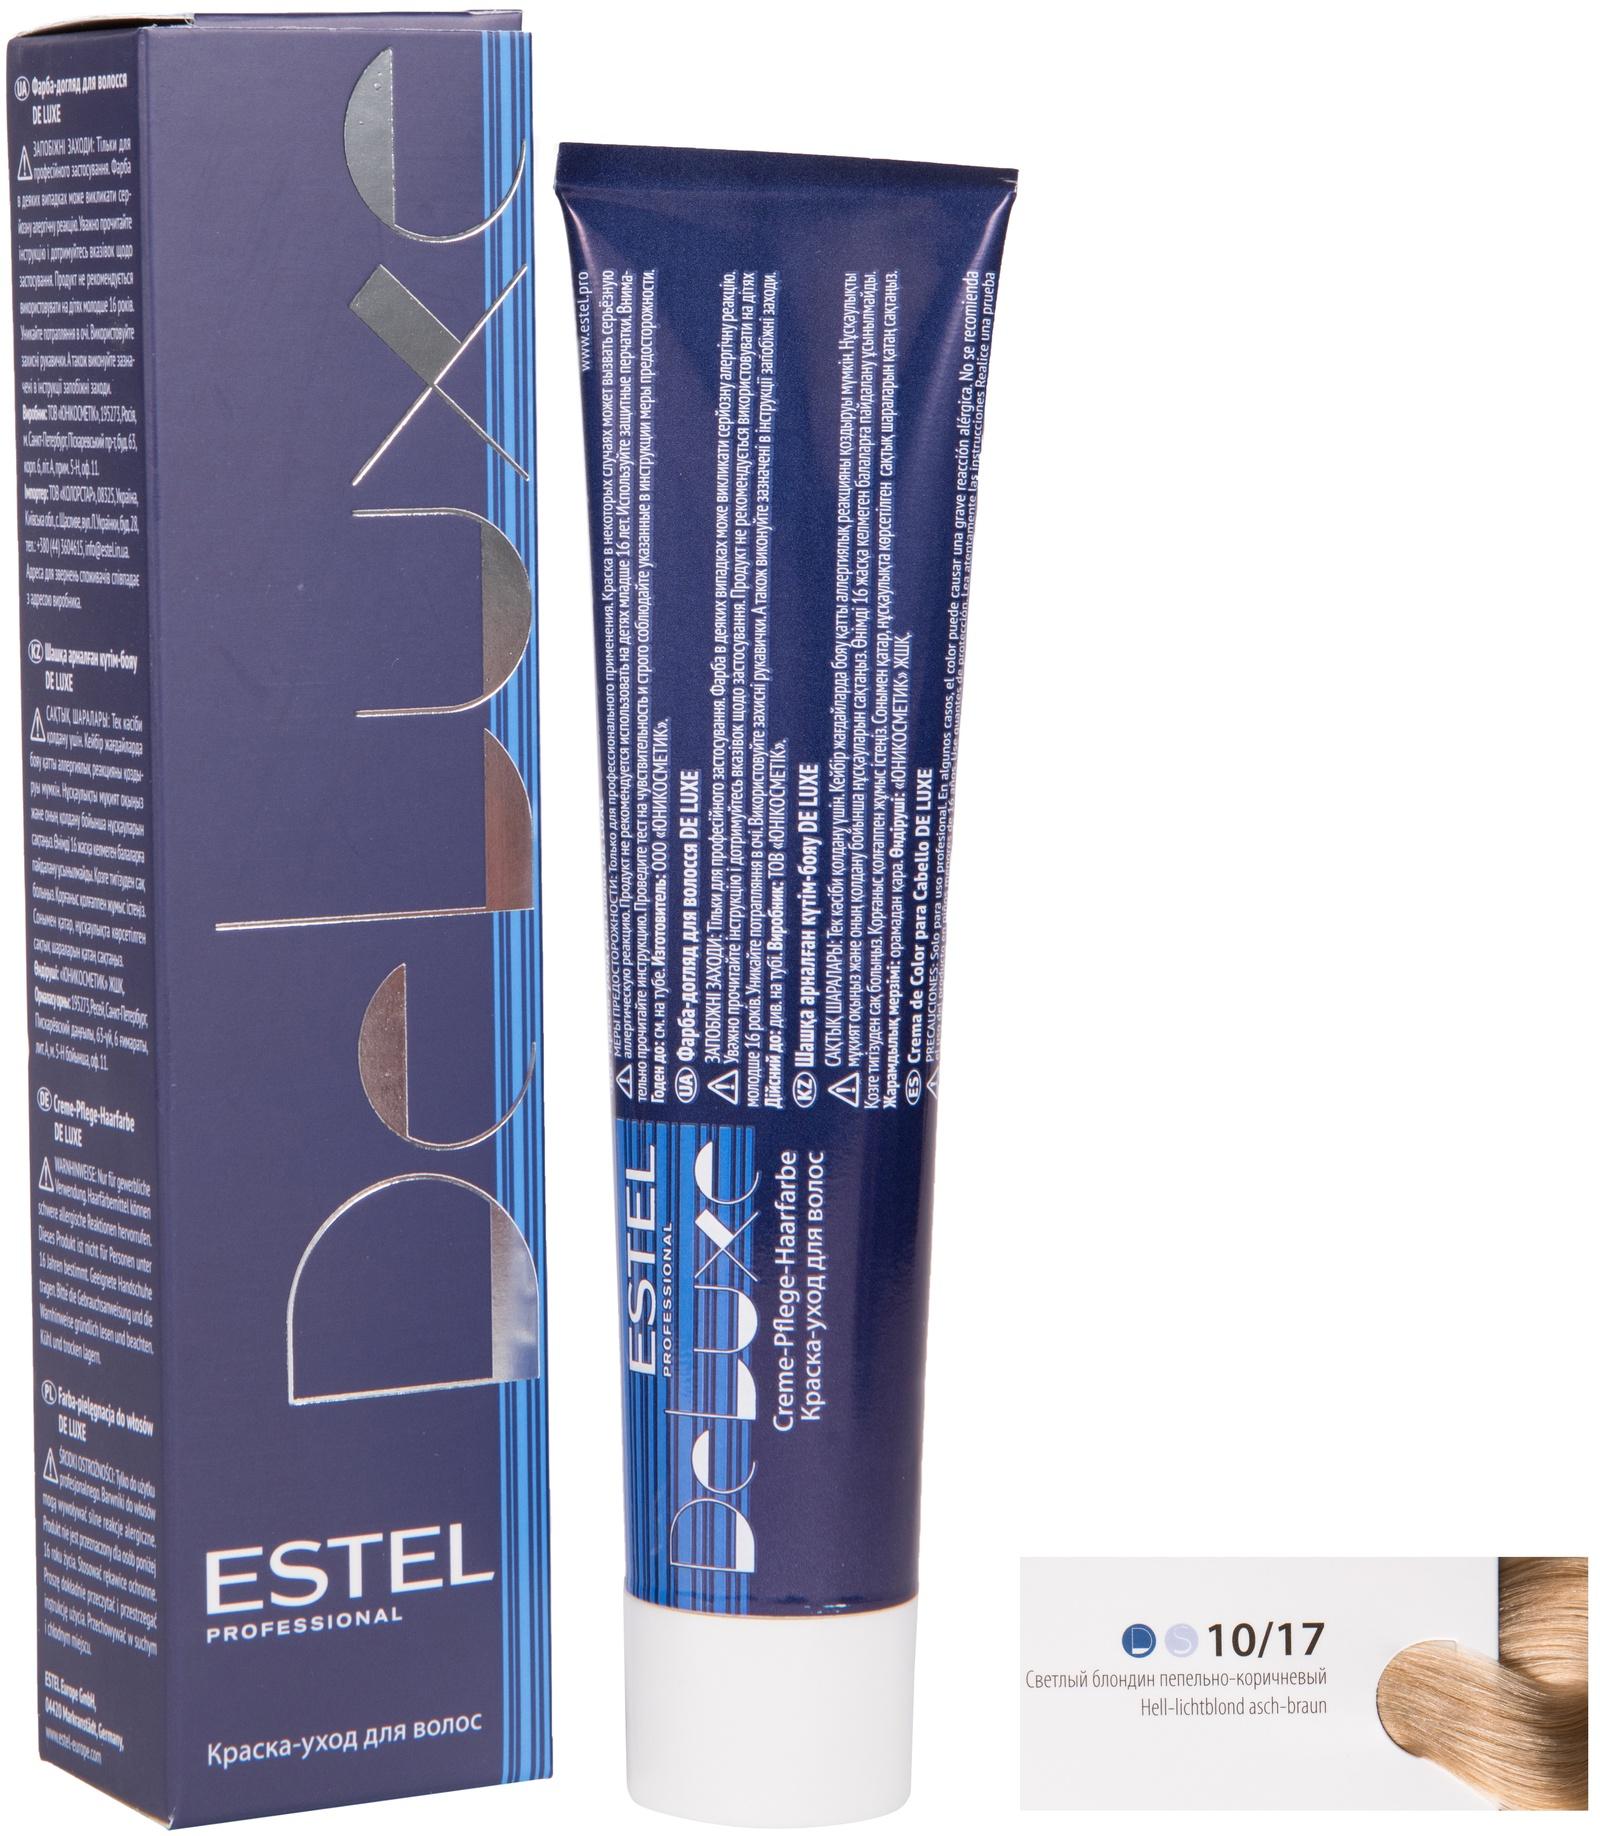 Краска для волос ESTEL PROFESSIONAL 10/17 DE LUXE краска-уход для окрашивания волос, светлый блондин пепельно-коричневый 60 мл